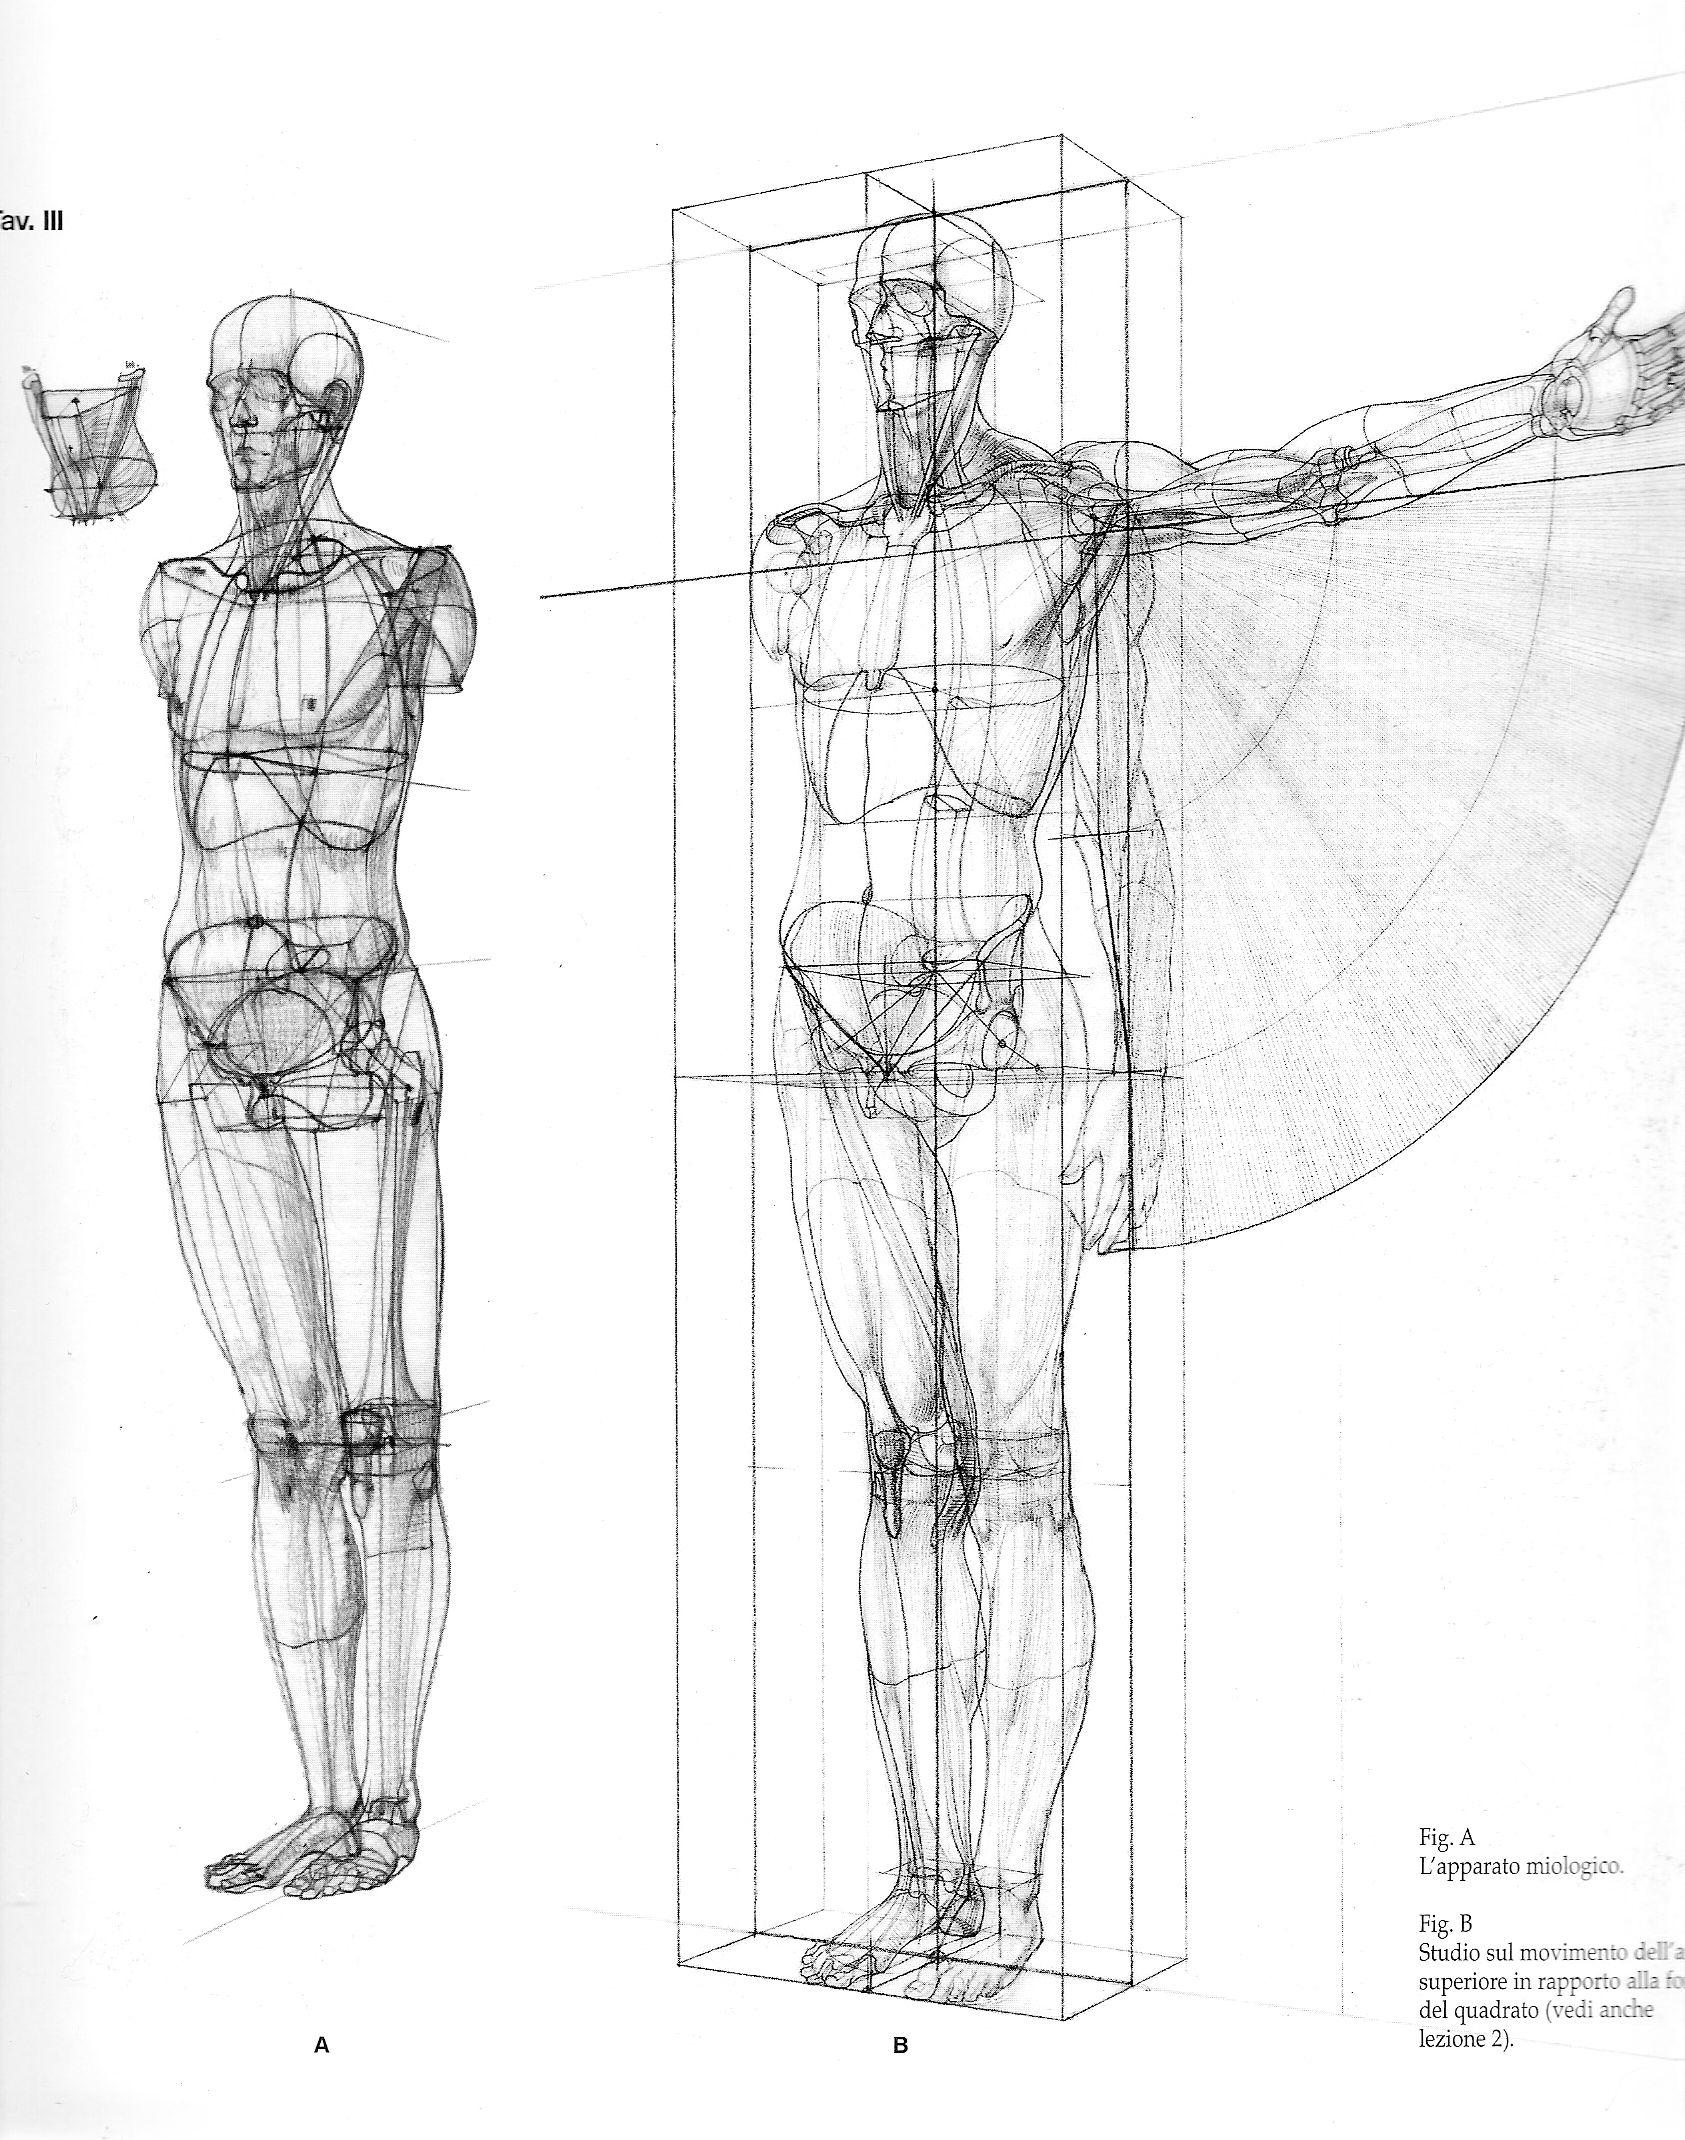 Anatomia-02 …   dibujos y pinturas varios artistas contemporaneos ...